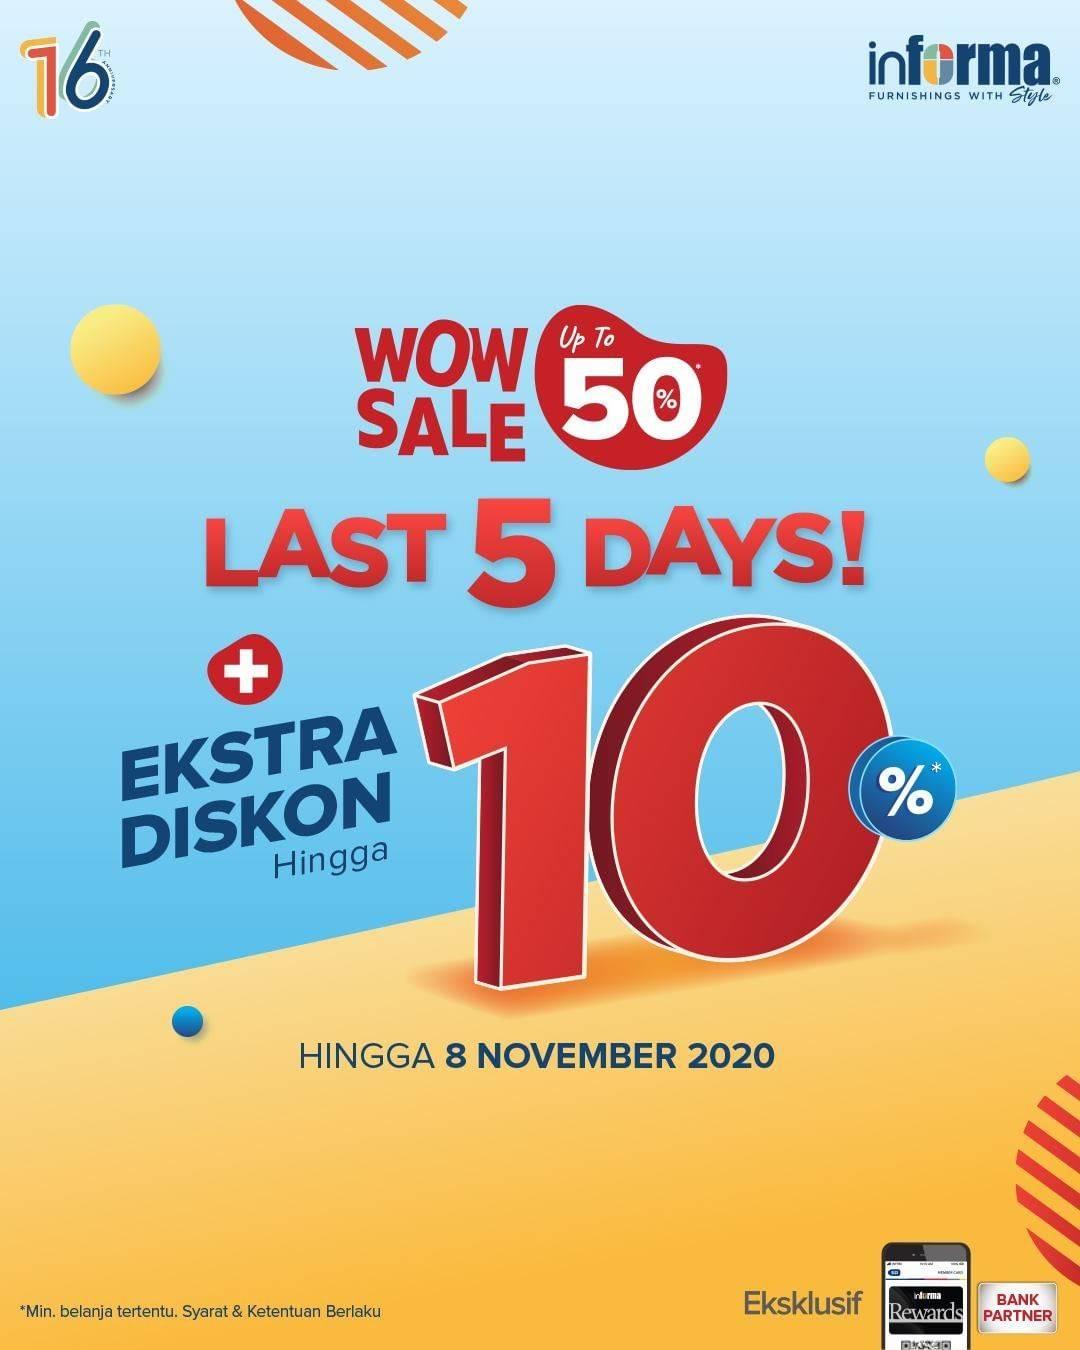 Diskon Informa Wow Sale Up To 50% + Extra Diskon Hingga 10%